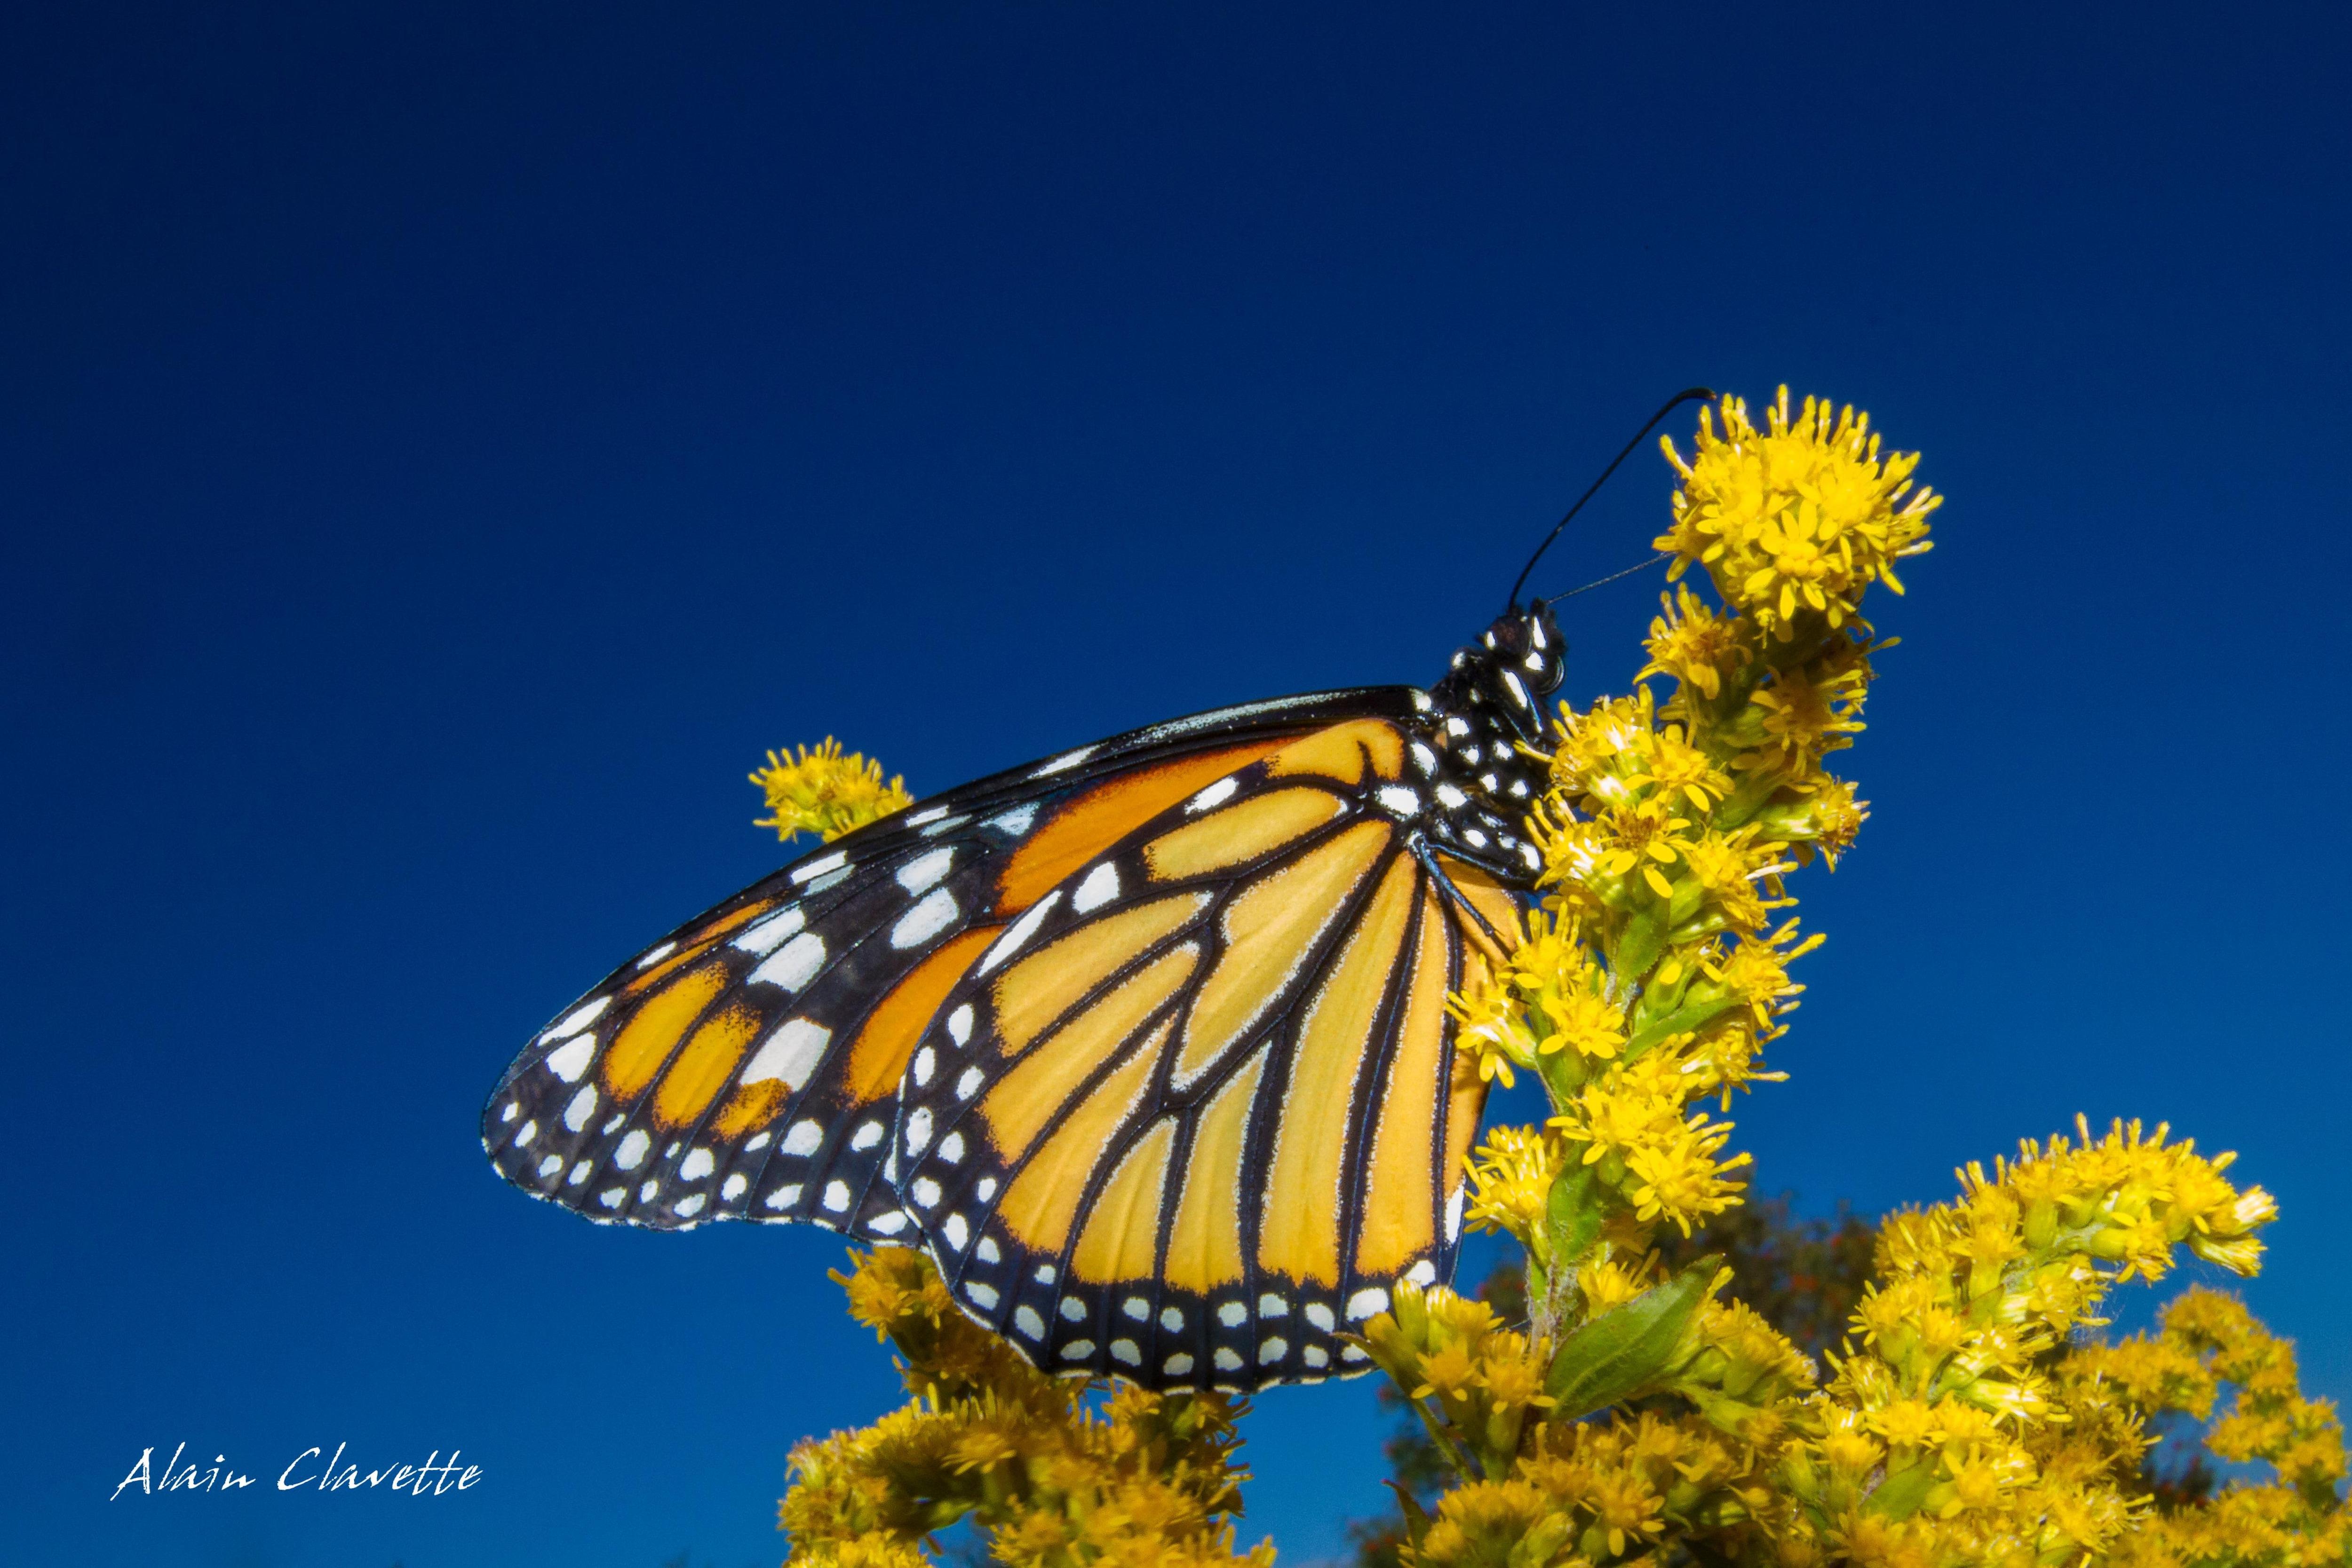 Un papillon monarque sur une tige en fleur.